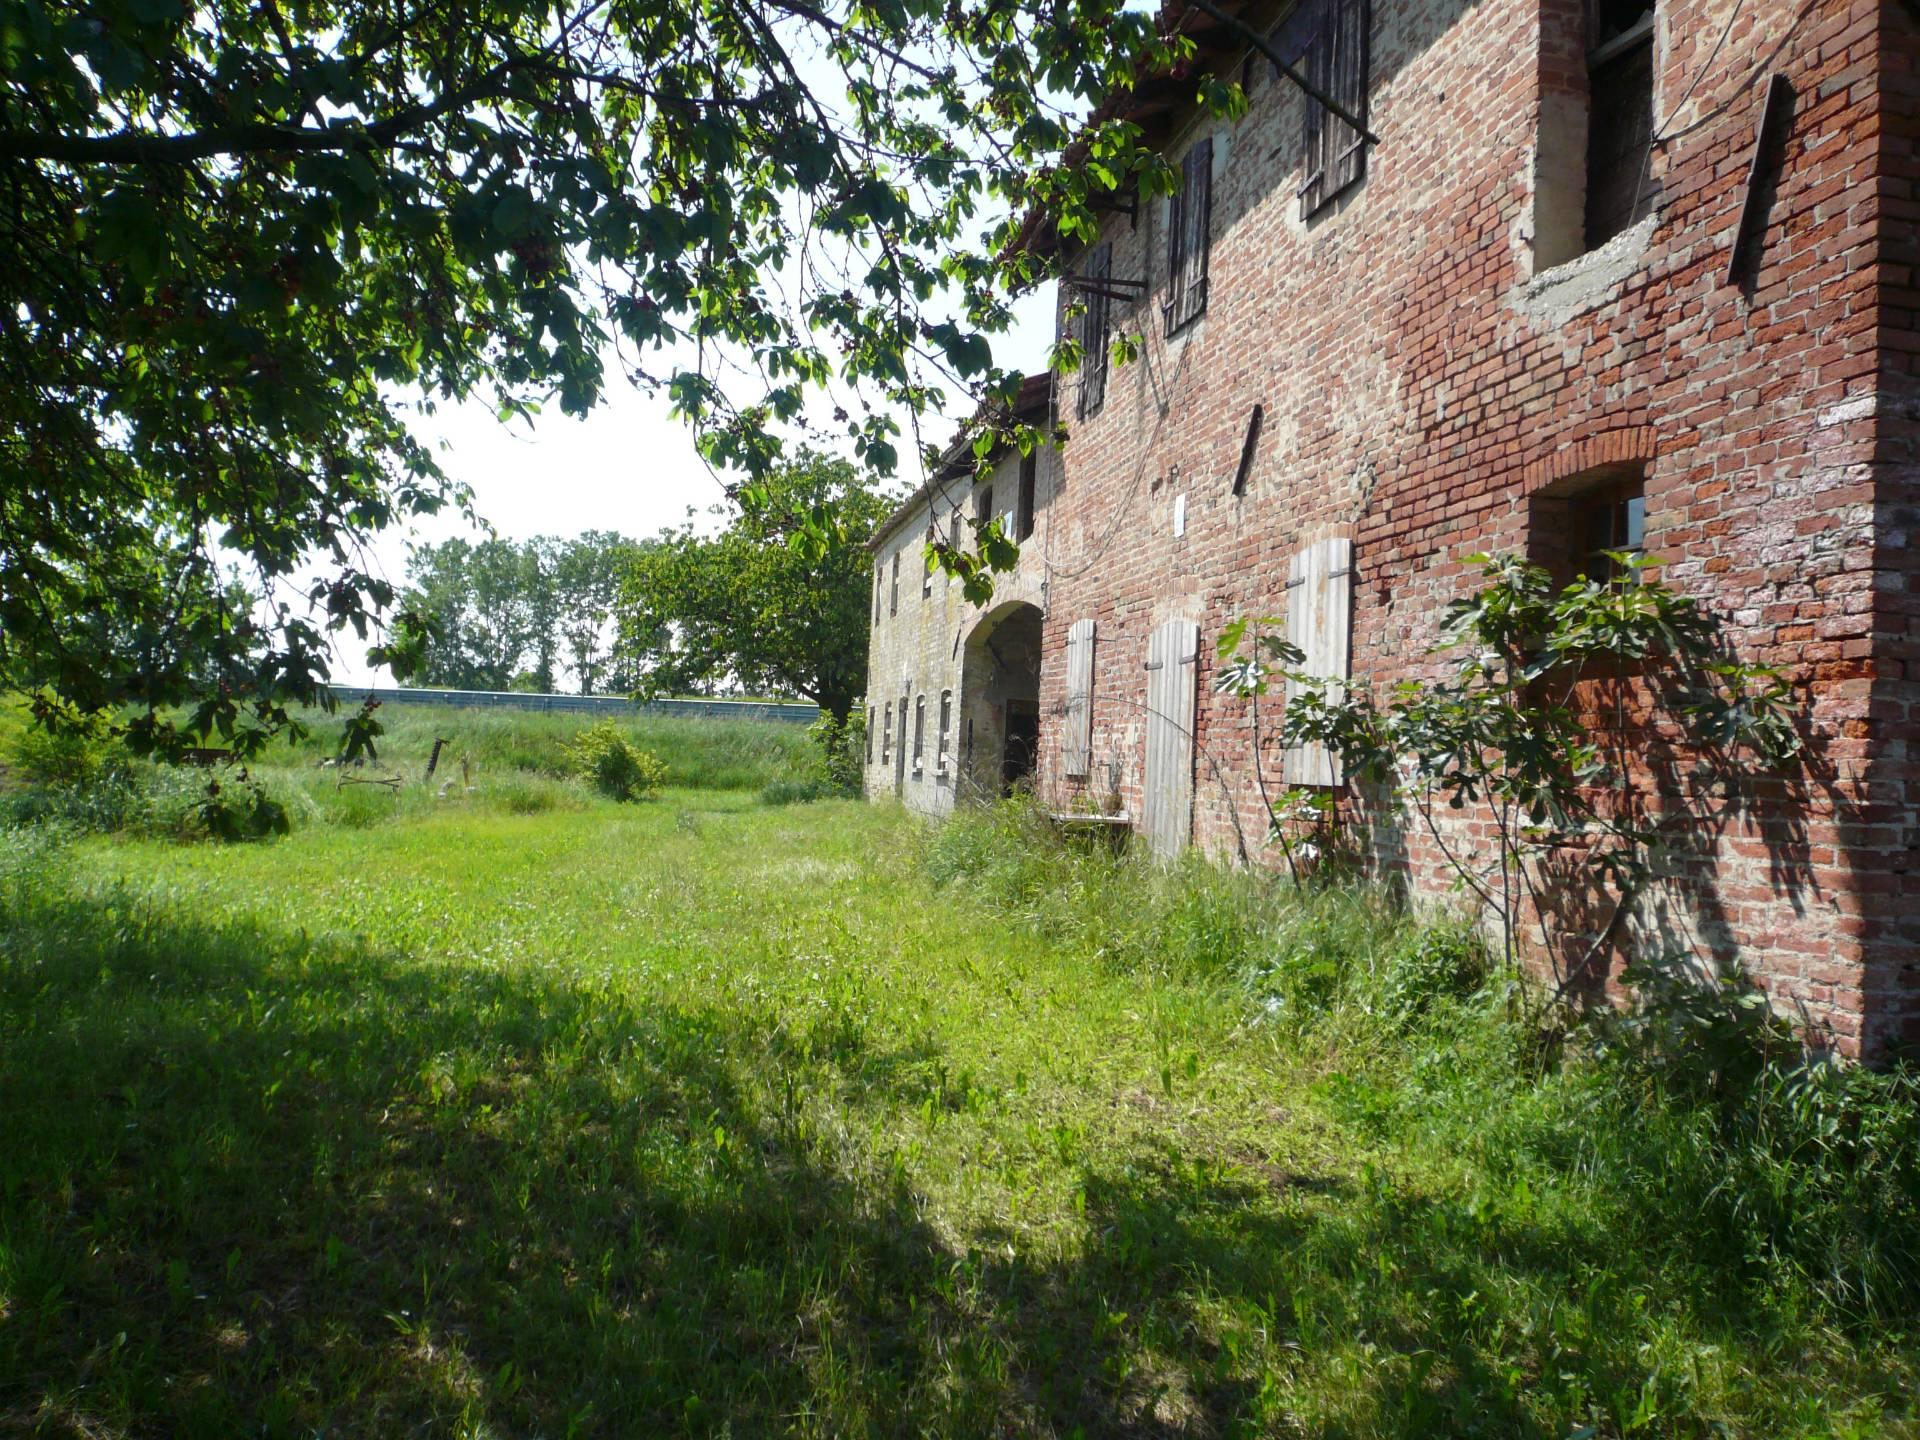 Rustico / Casale in vendita a Casale sul Sile, 20 locali, zona Località: Lughignano, prezzo € 370.000 | Cambio Casa.it